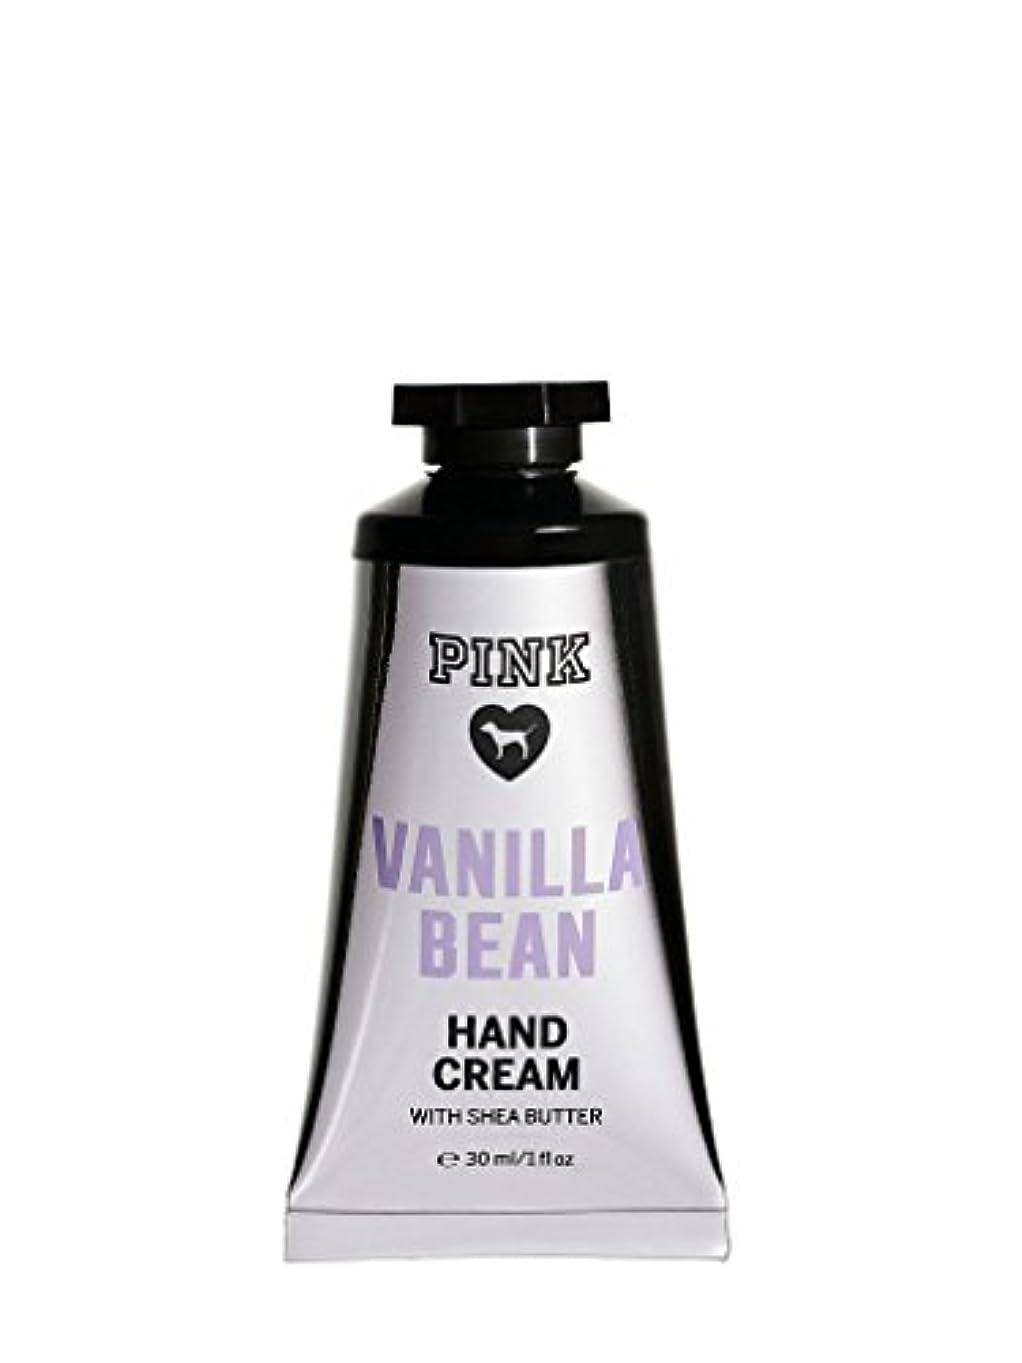 バルブ剣入札VICTORIA'S SECRET ヴィクトリアシークレット/ビクトリアシークレット PINK バニラビーンズ ハンドクリーム/PINK HAND CREAM [並行輸入品]